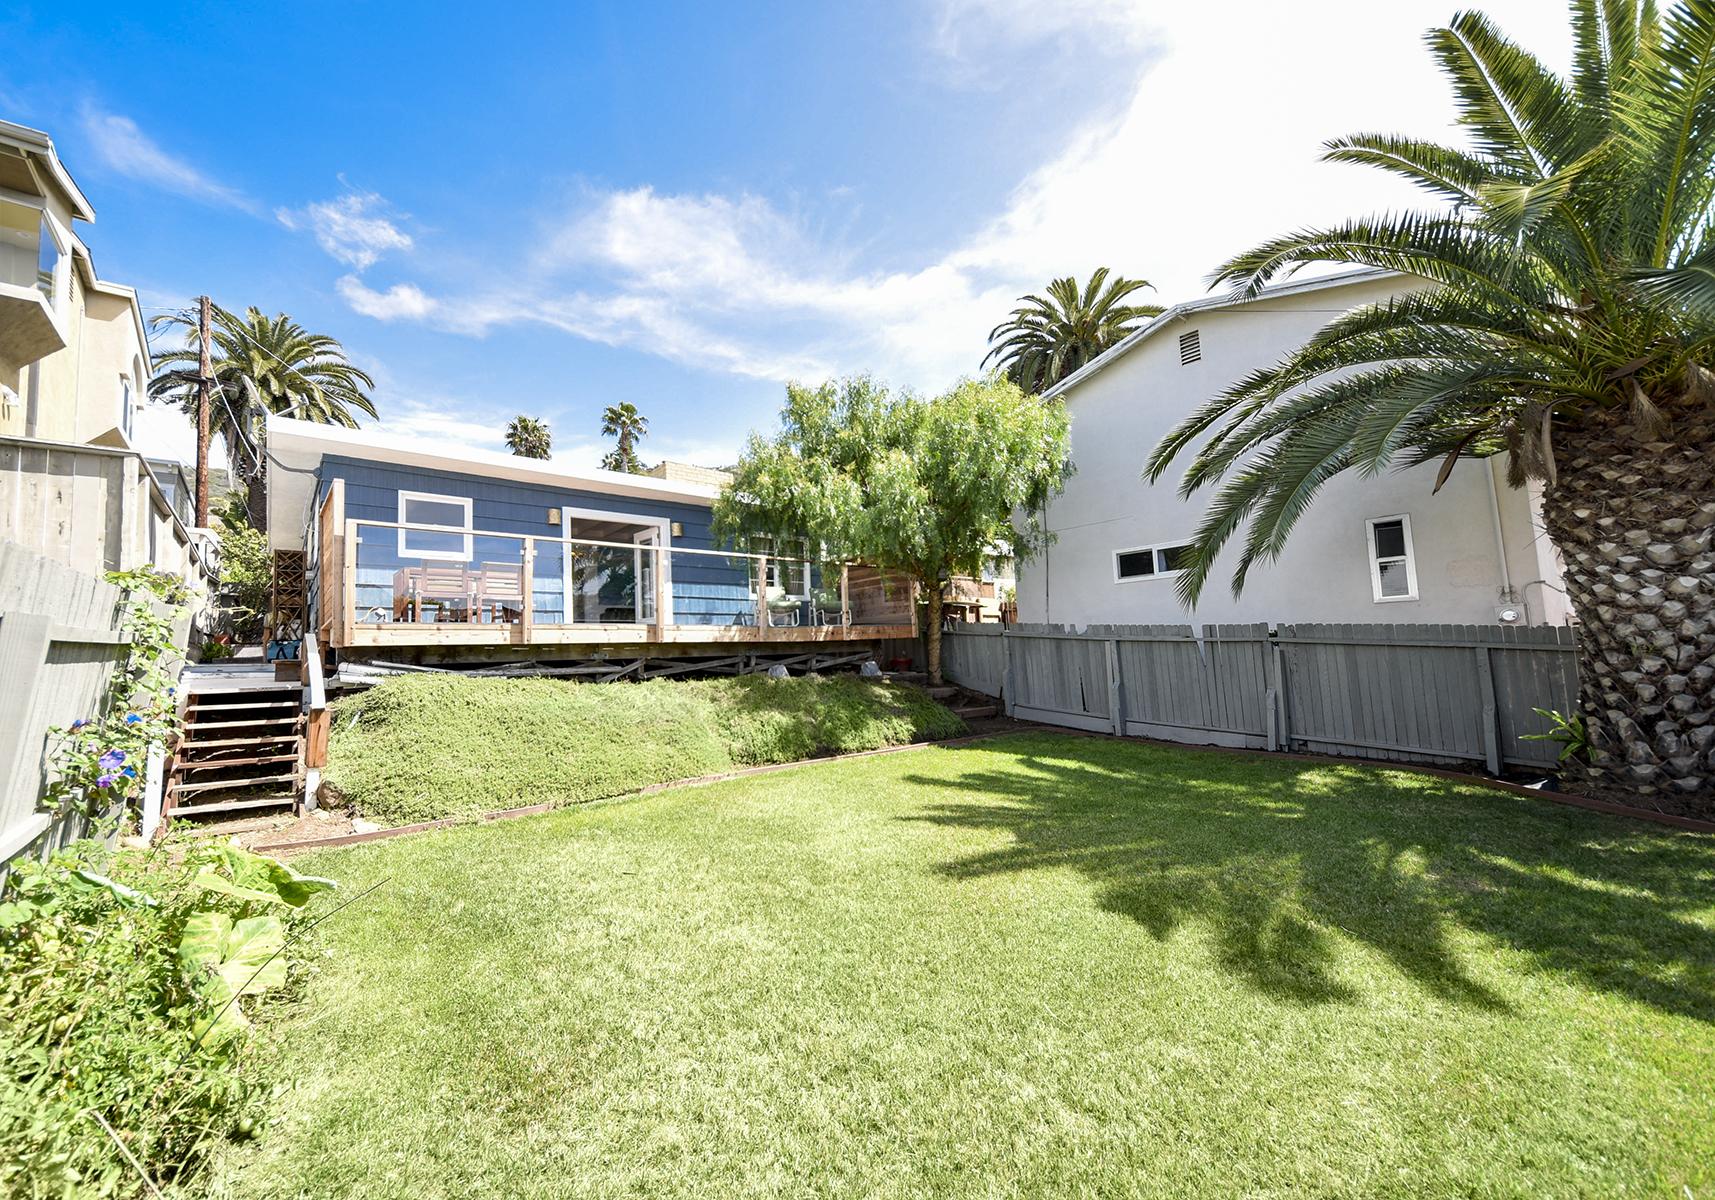 Arazi için Satış at 31882Meadow Lane 31882 Meadow Lane Laguna Beach, Kaliforniya, 92651 Amerika Birleşik Devletleri